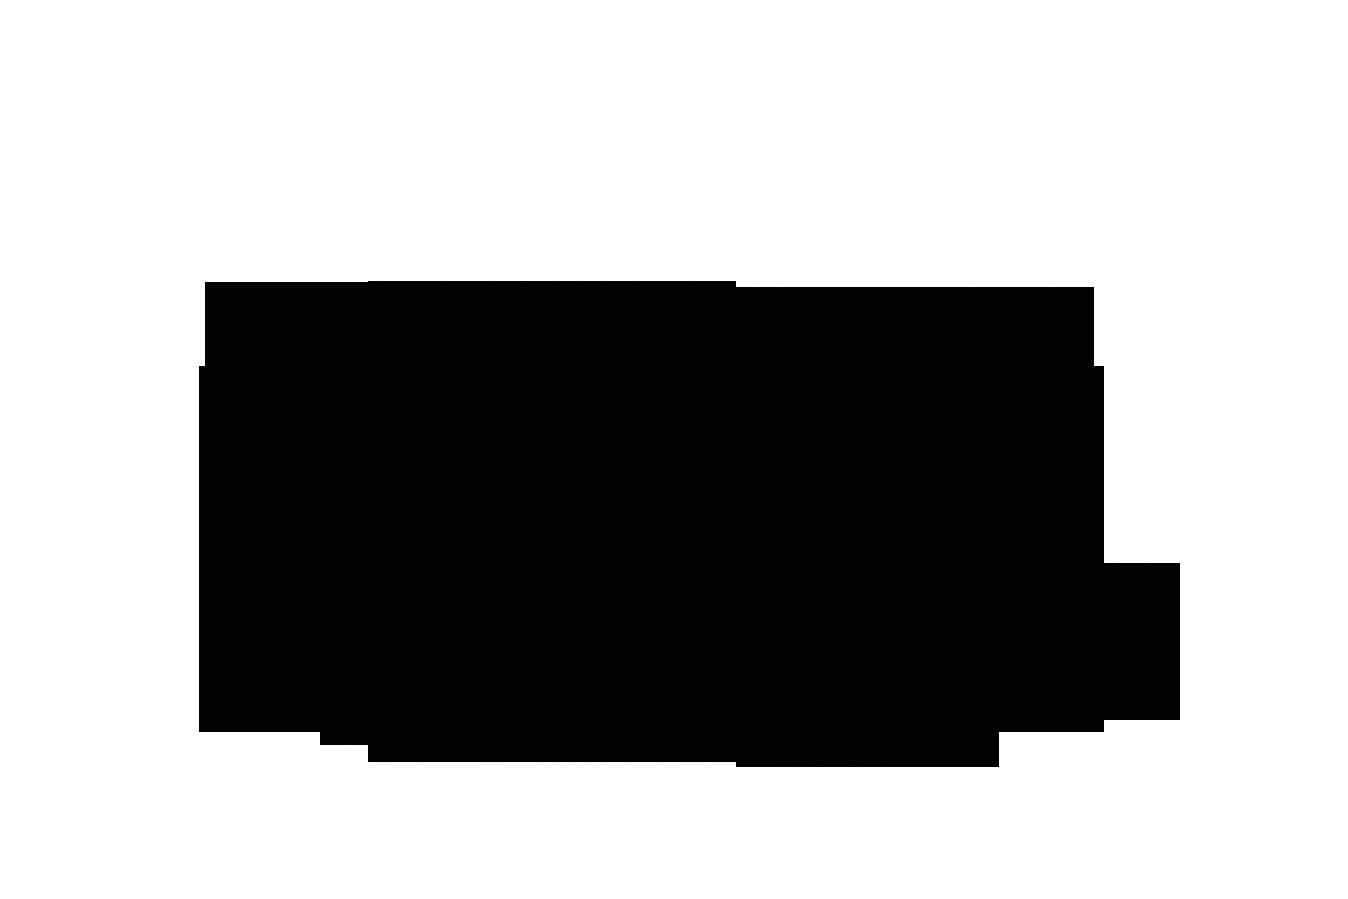 Pamir S 03-300: Breite ca. 300 cm; Tiefe  ca. 215 cm; Gewicht ca. 36,0 kg